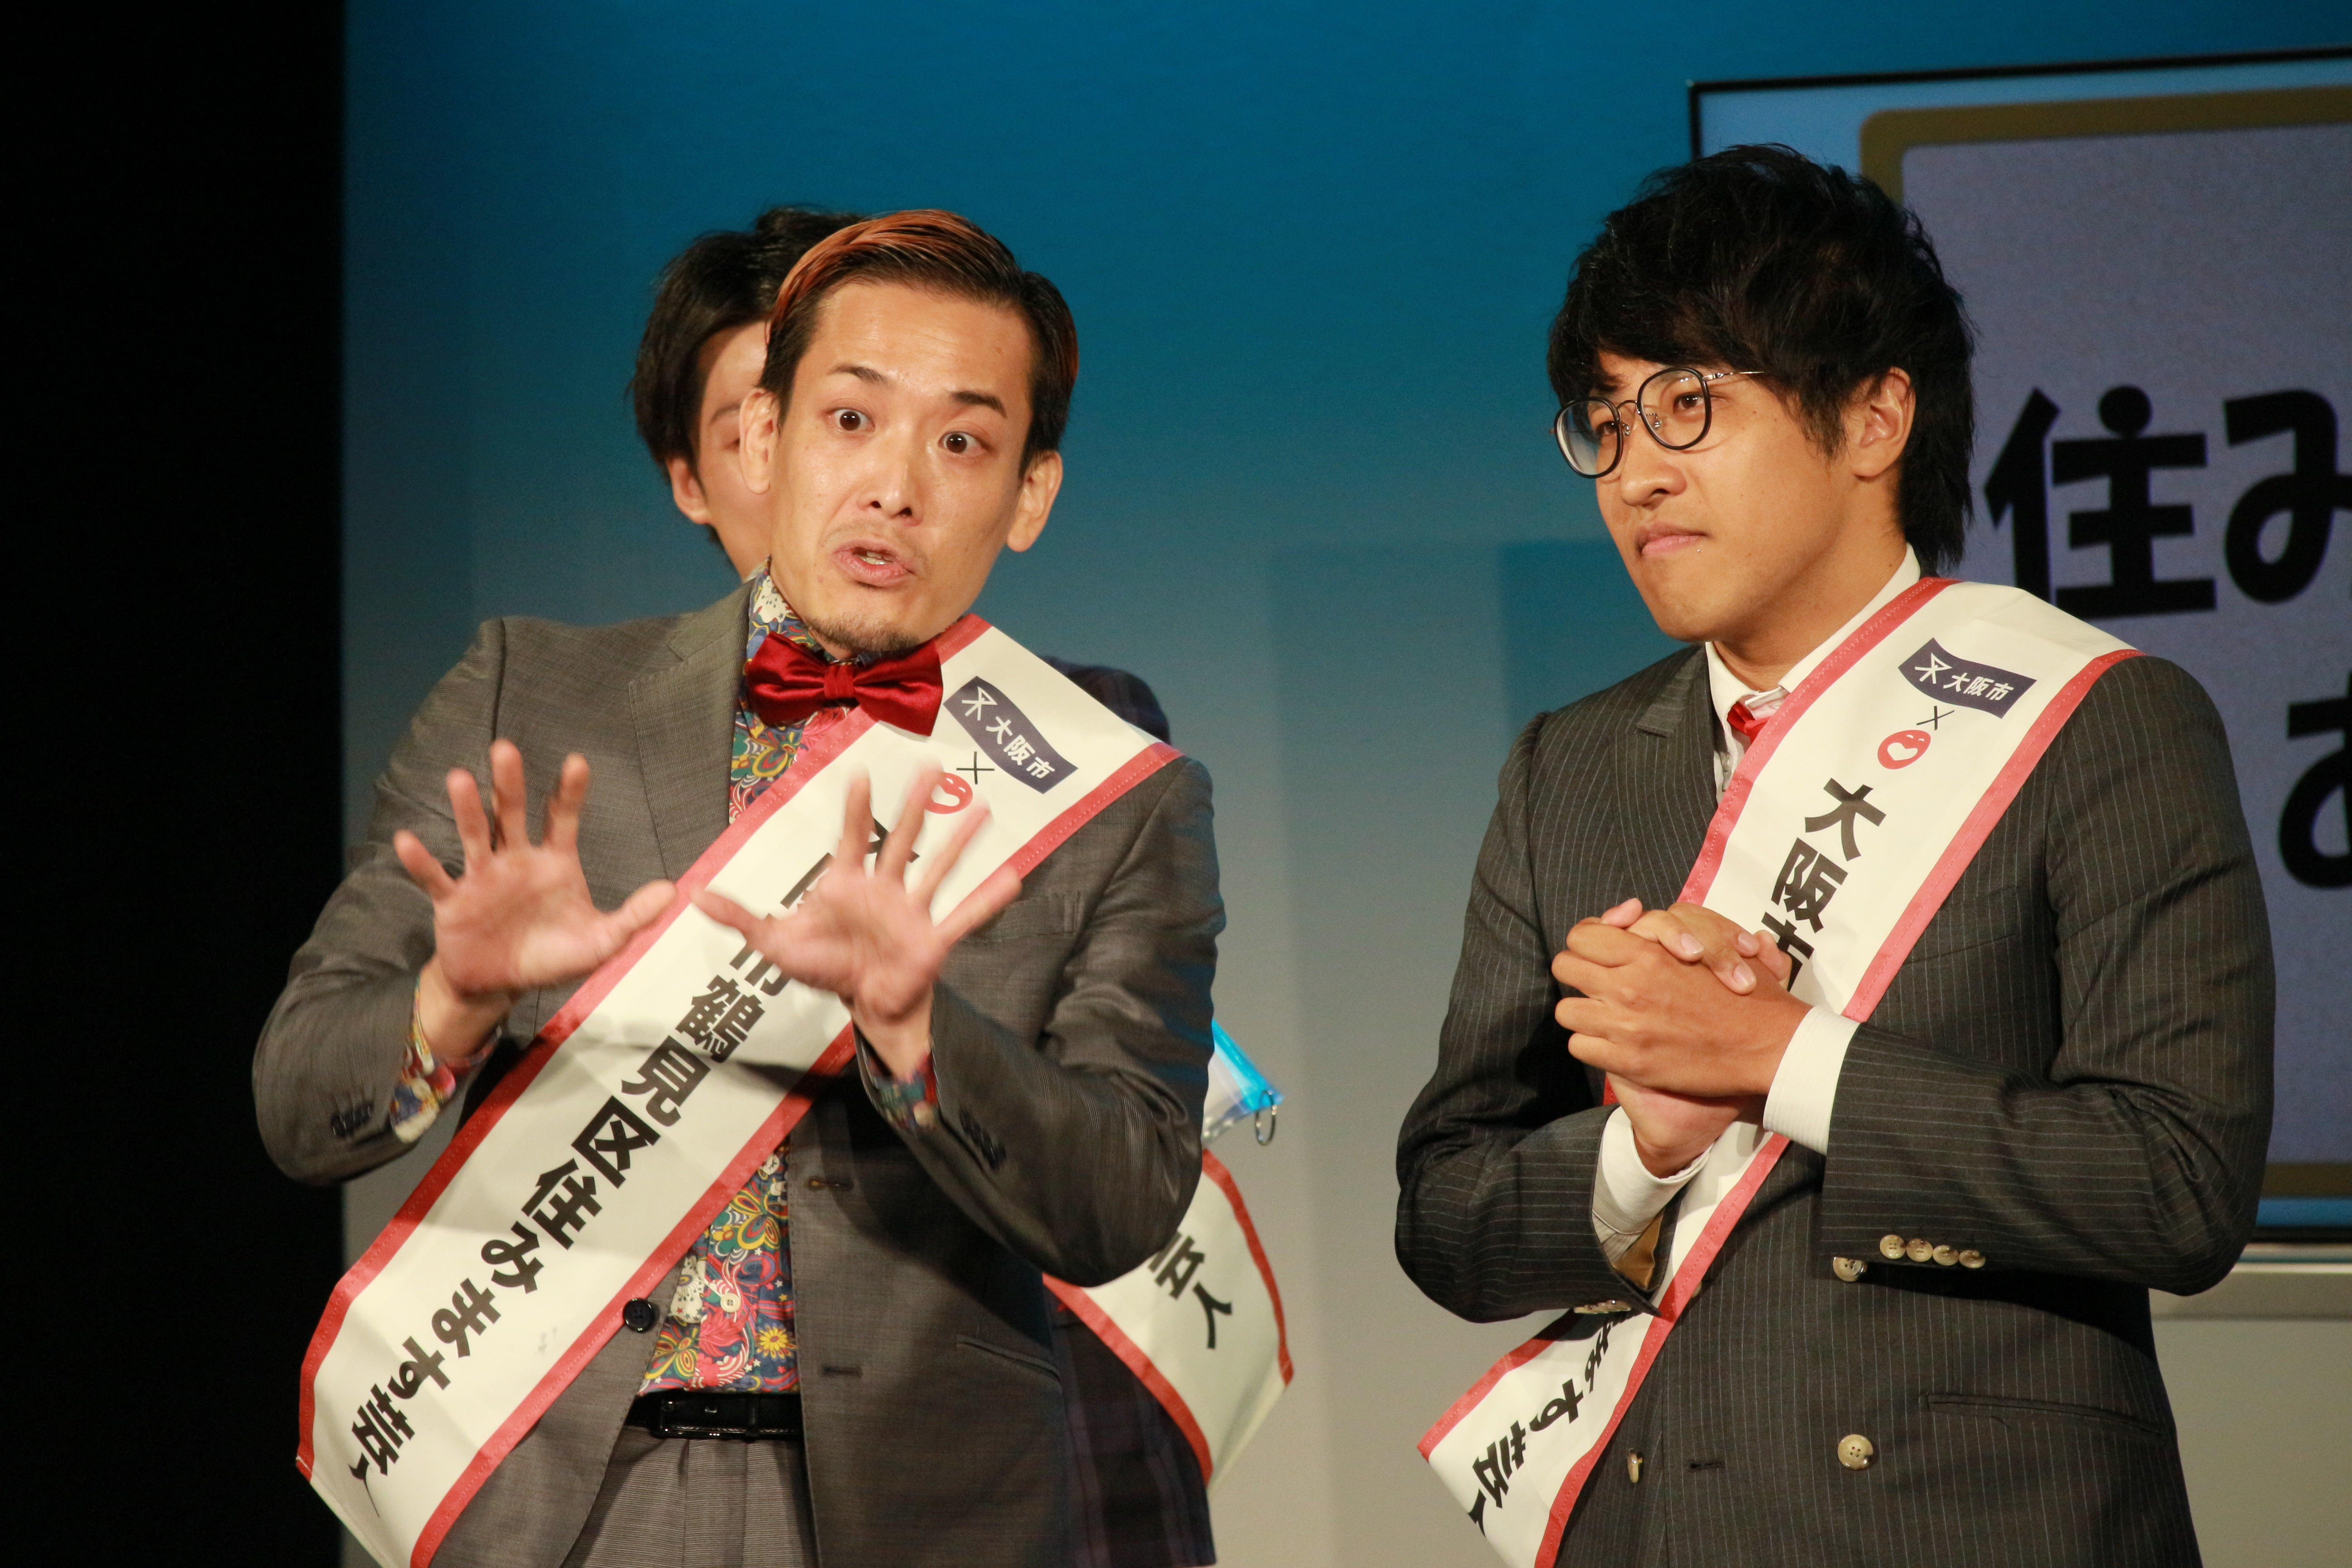 http://news.yoshimoto.co.jp/20180808174201-dc5c3c3d4503508ea8a947dd40b63e5d2eda1e4c.jpg